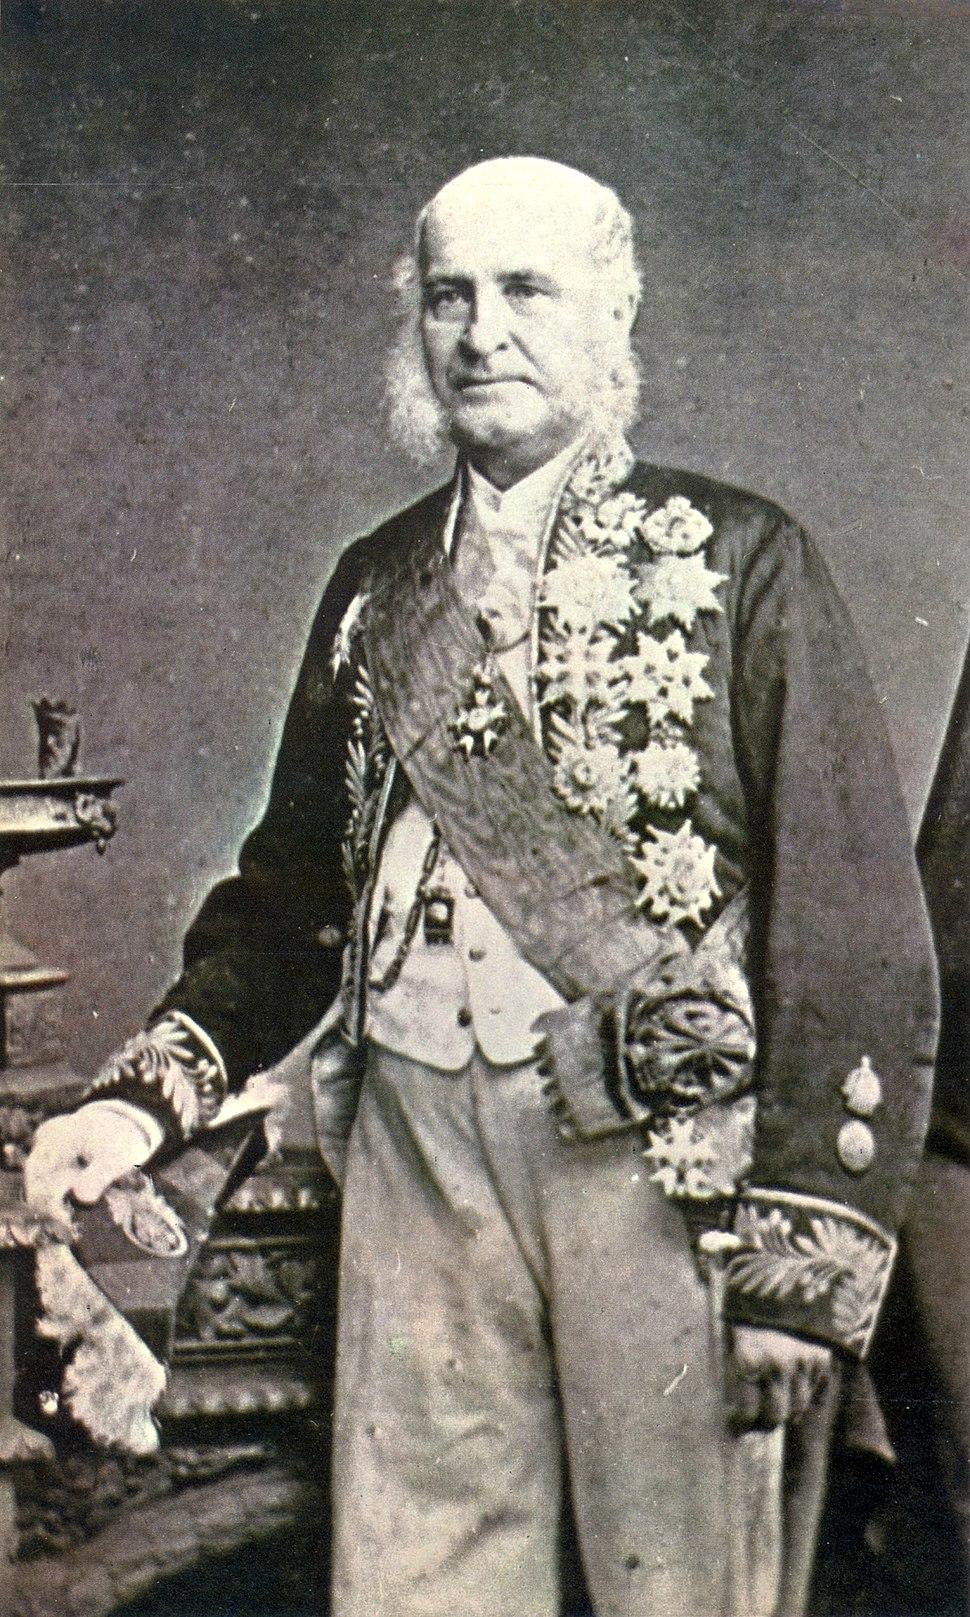 Viscount of rio branco 1880